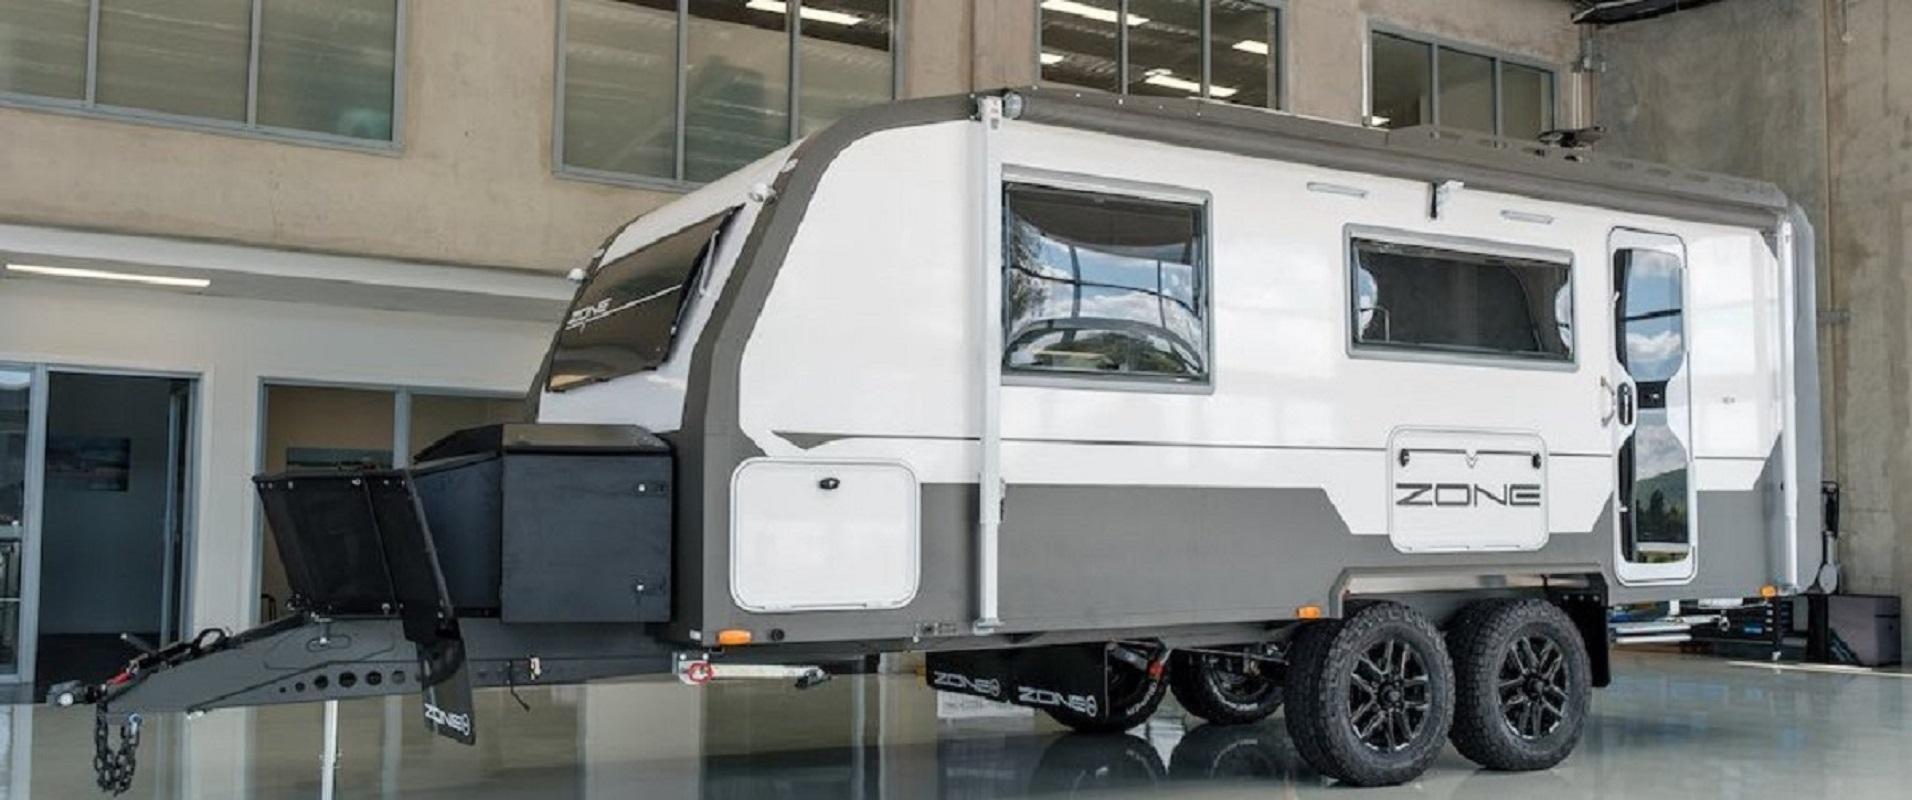 What's inside caravan composite sandwich panels?